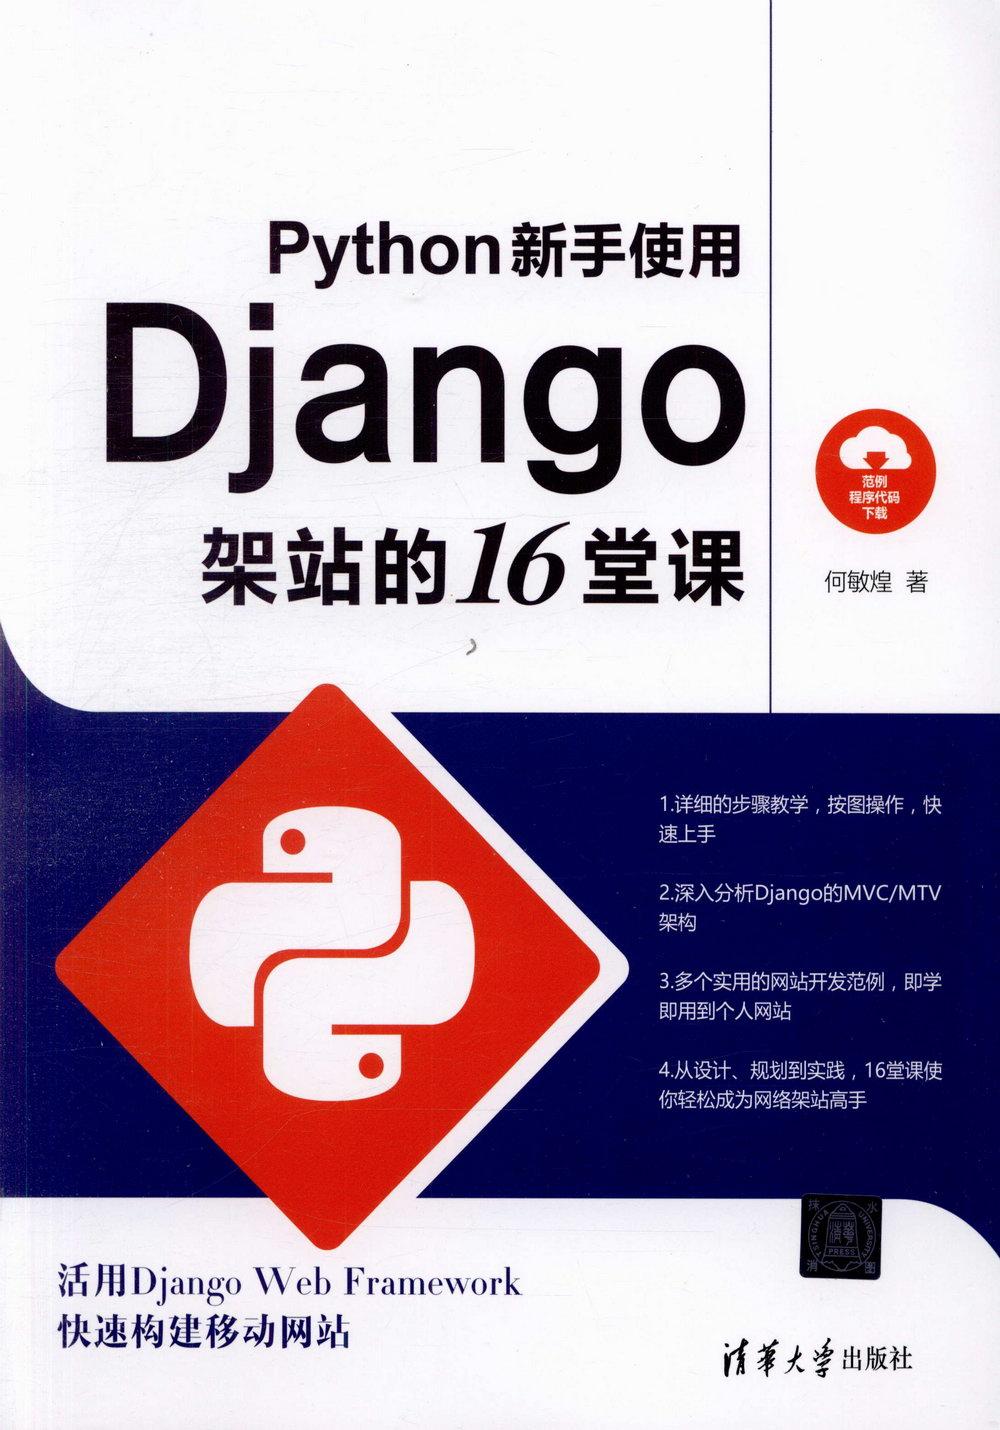 Python新手使用Django架站的16堂課